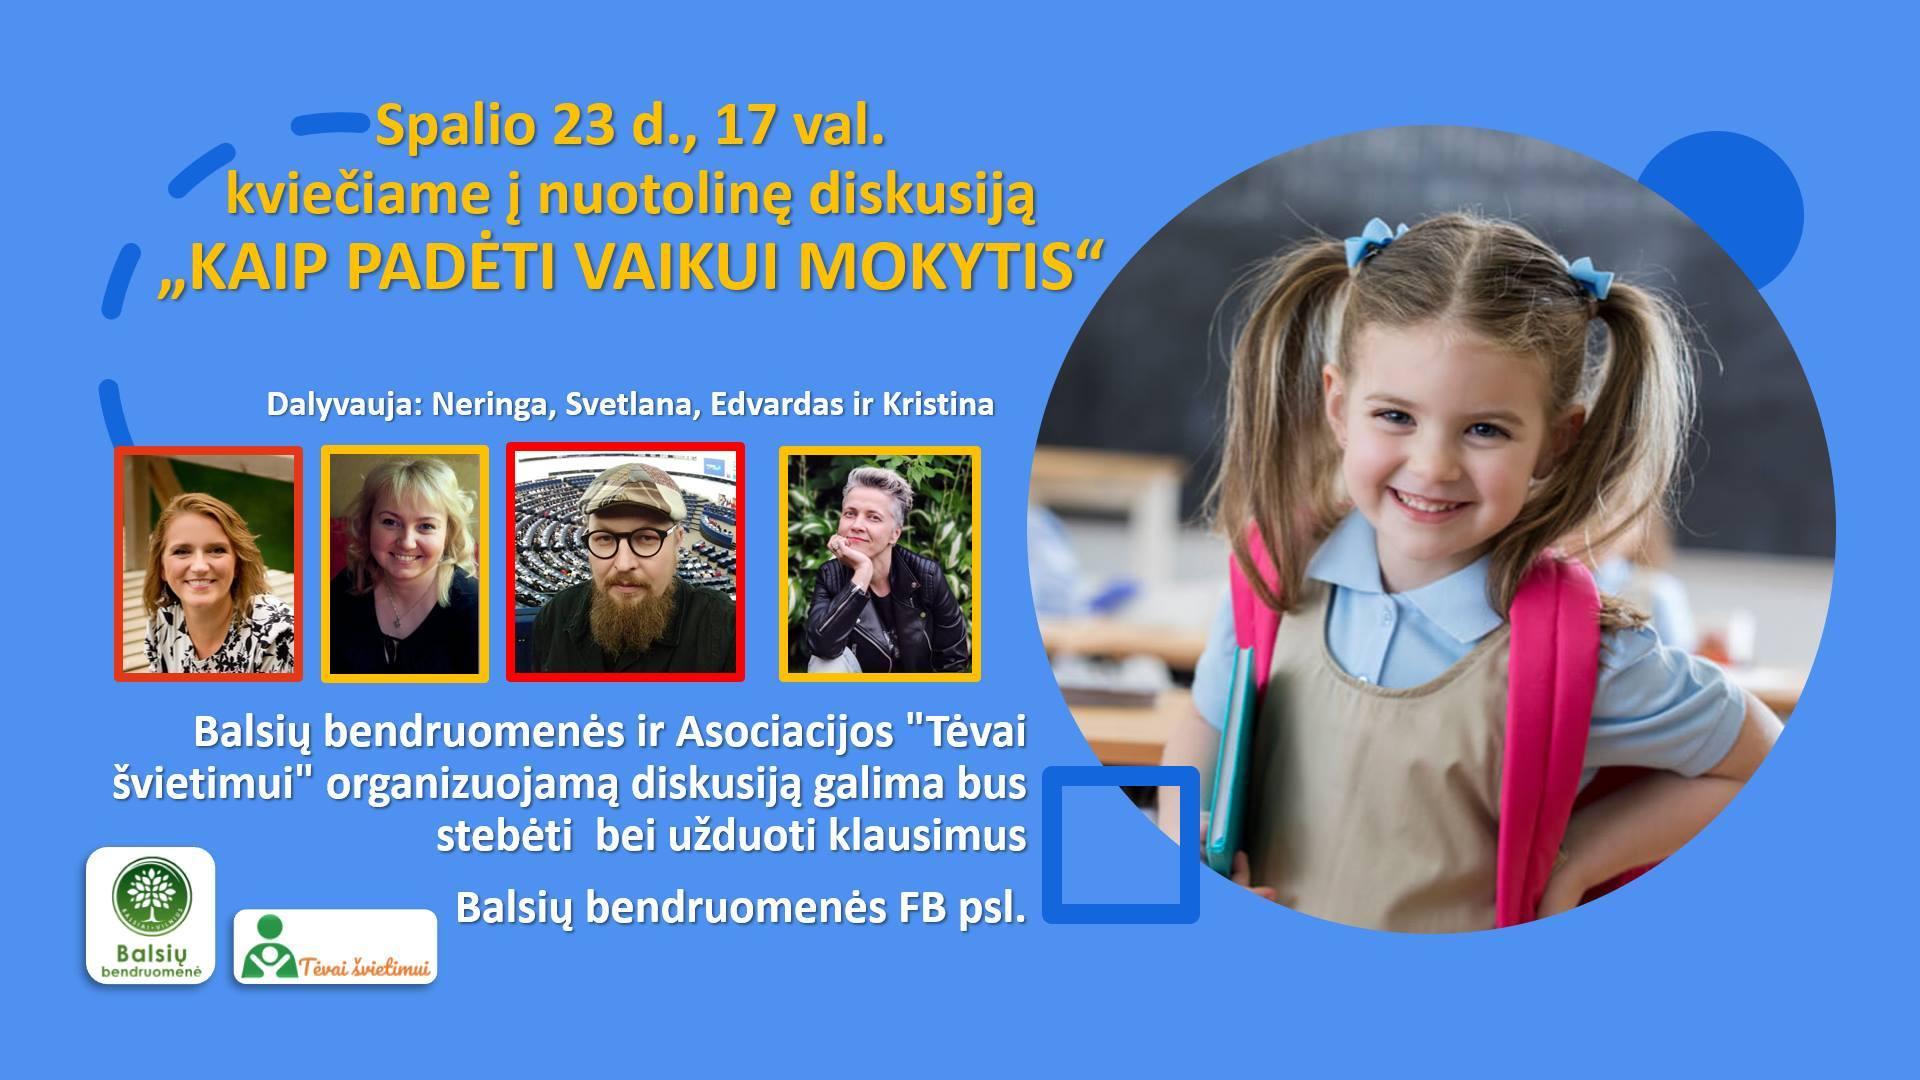 Diskusija, kaip padėti vaikui mokytis